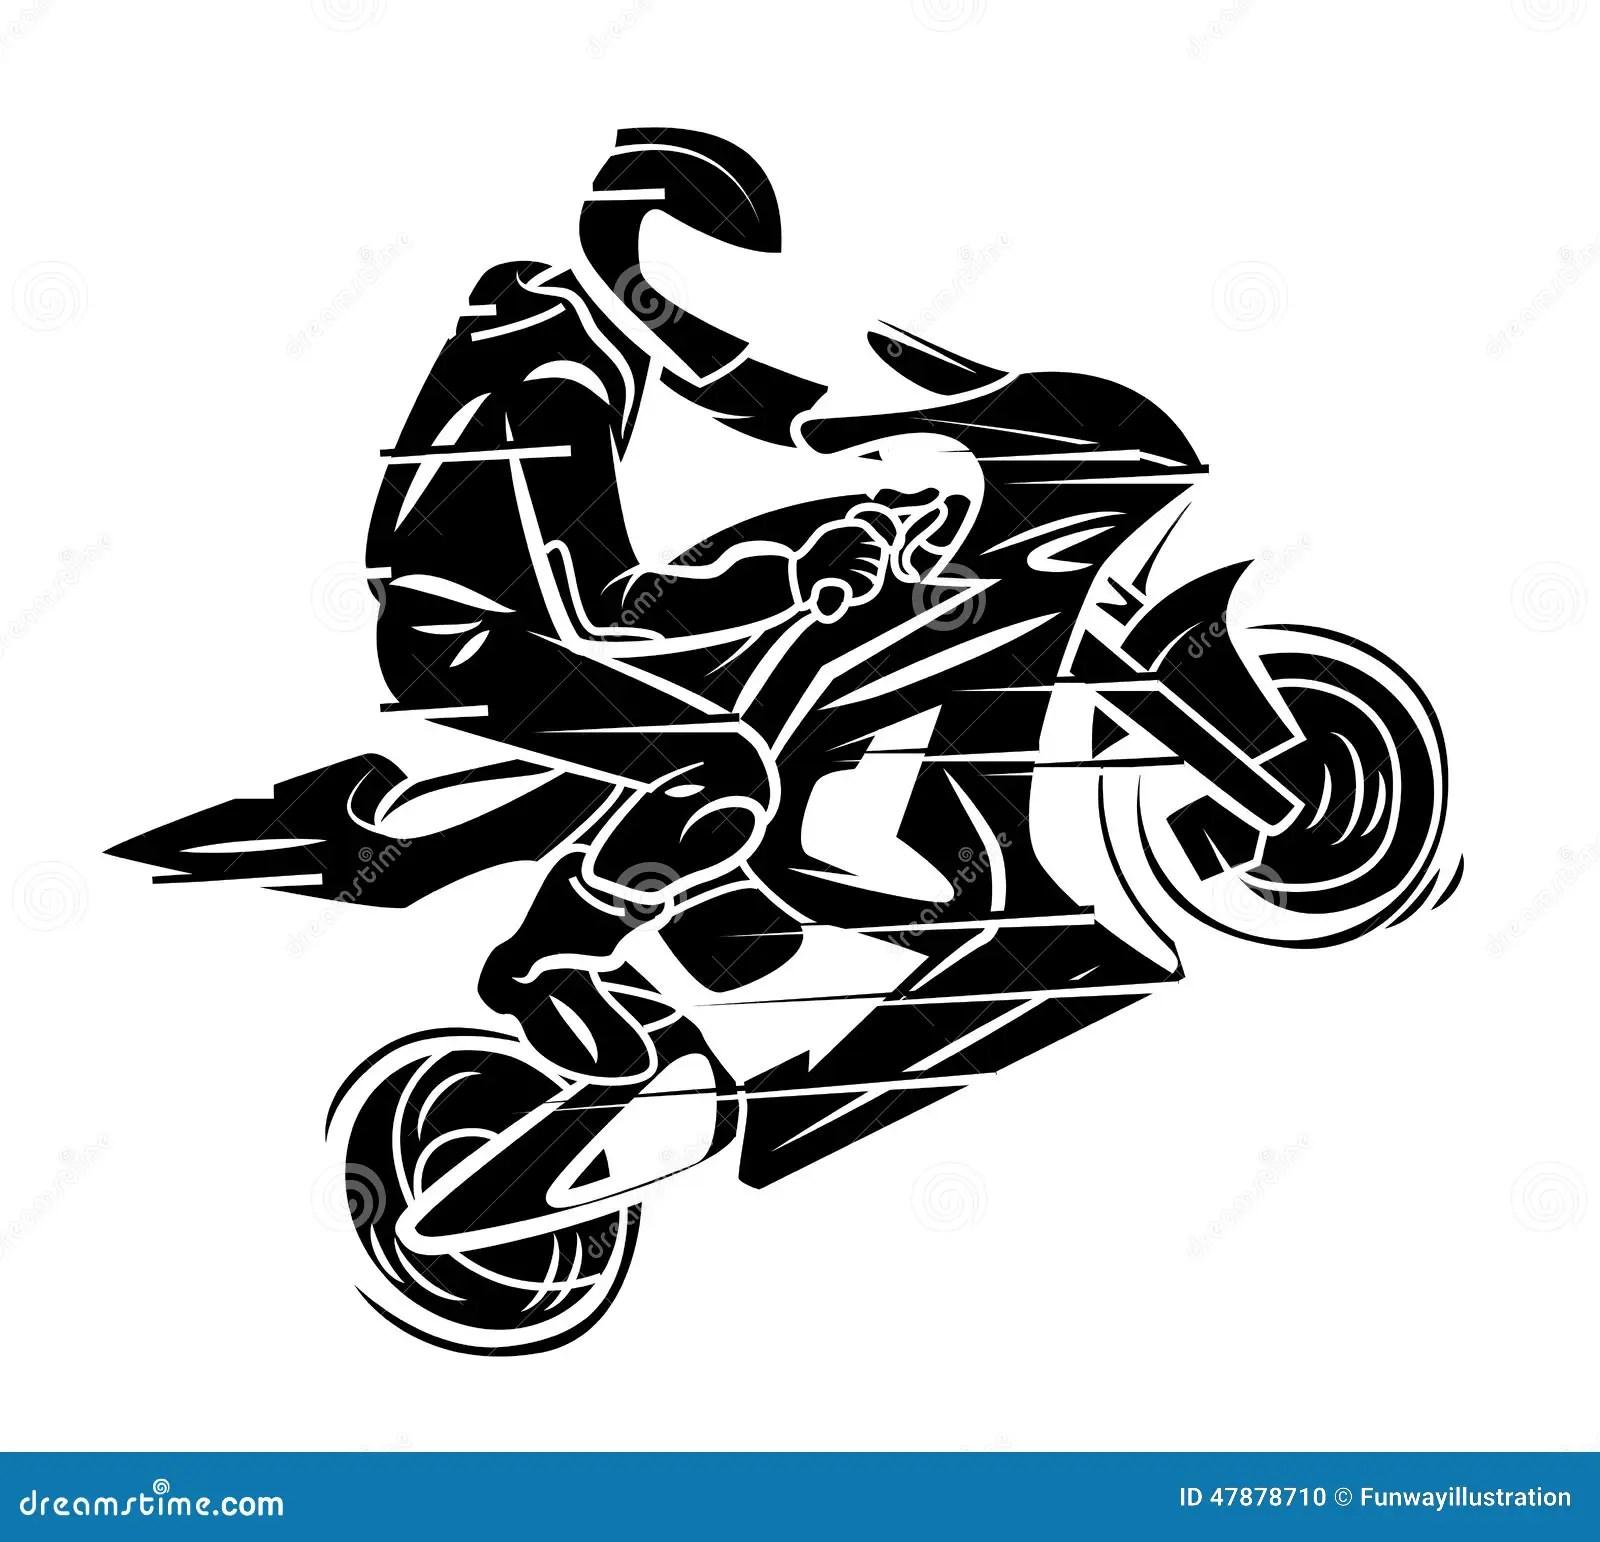 Sport Moto Stock Vector Illustration Of Racer Technology